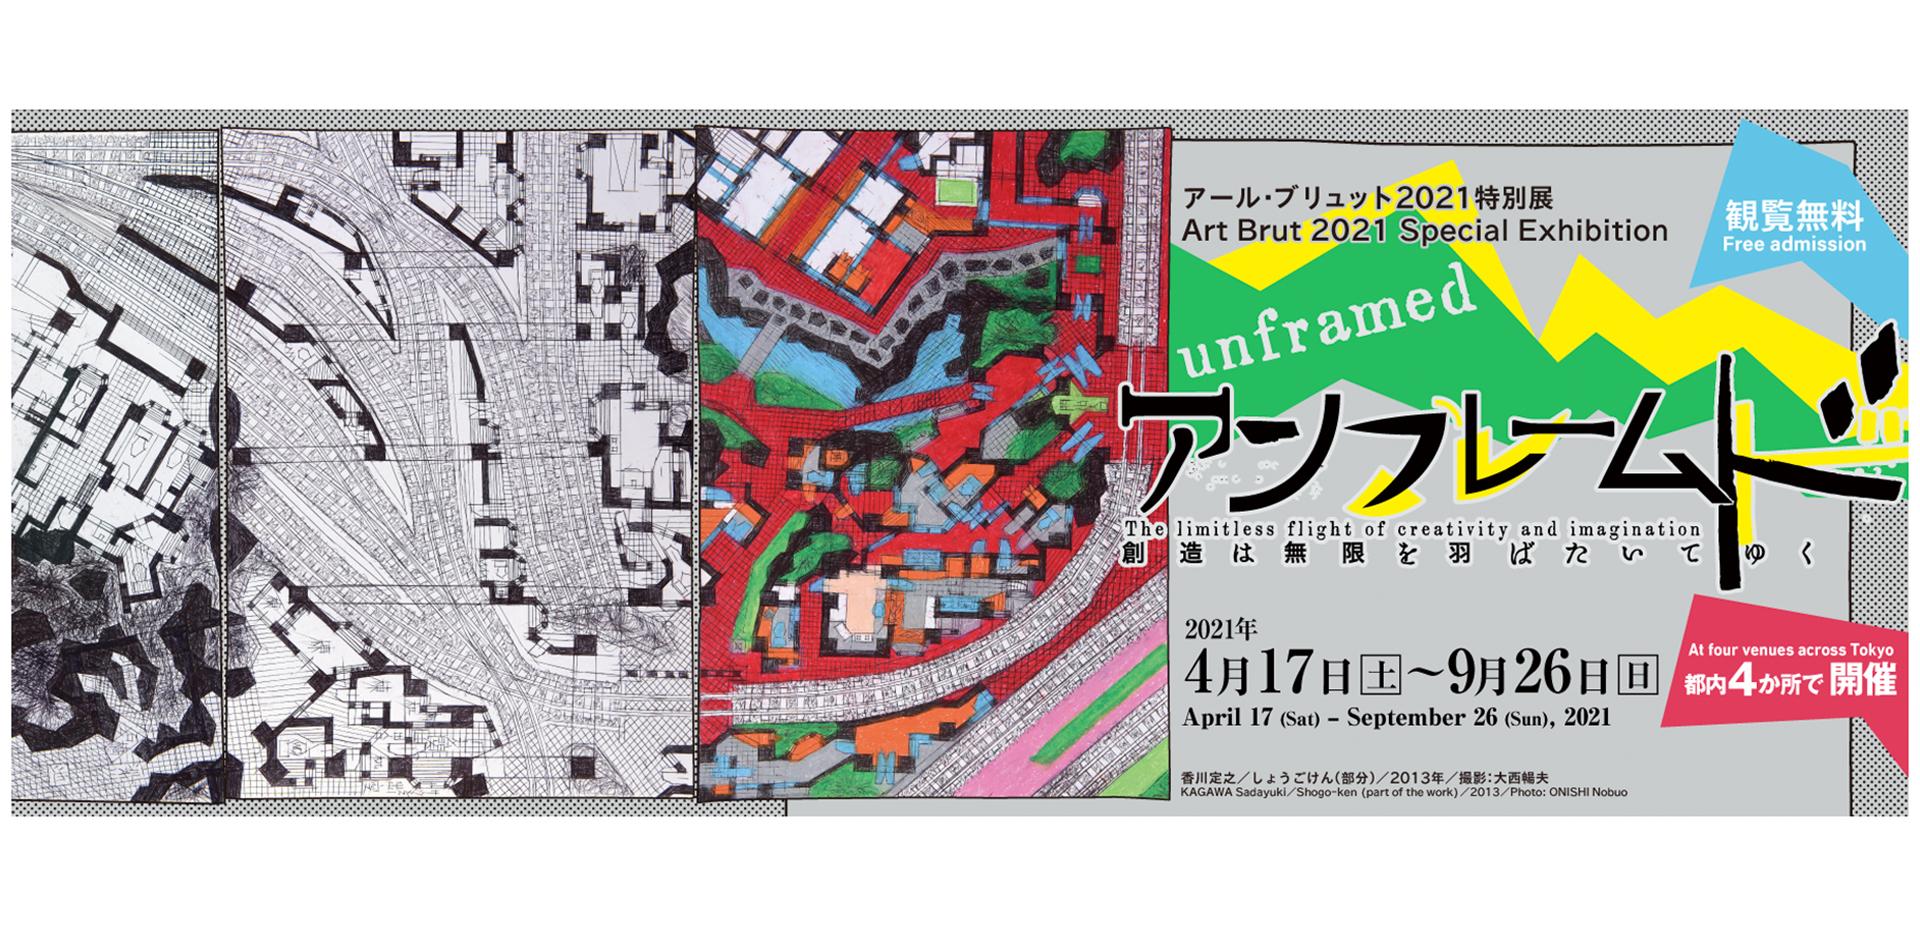 【東京都渋谷公園通りギャラリー】「 アンフレームド 創造は無限を羽ばたいてゆく 」